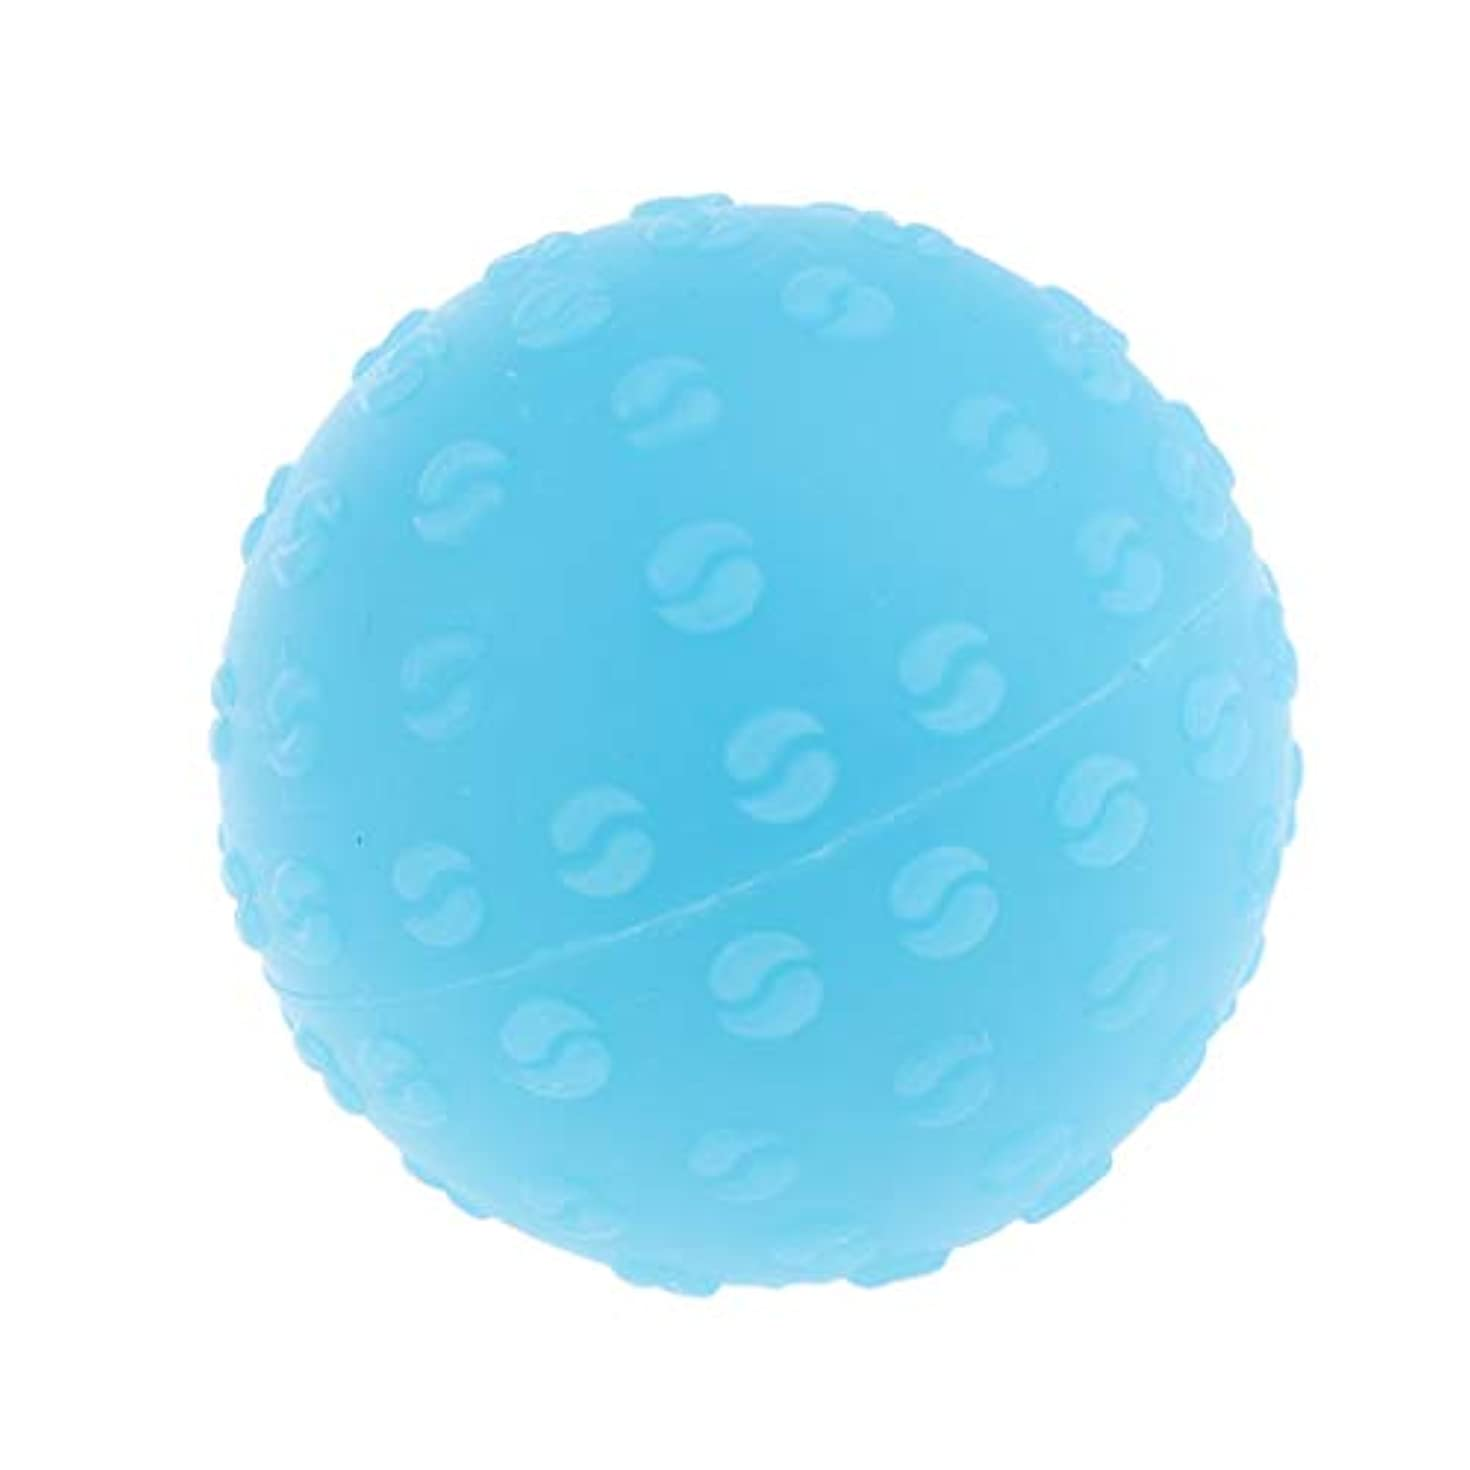 事務所献身レパートリー全6色 マッサージボール 指圧ボール シリコーン トリガーポイント 足底筋膜炎 ヨガ 耐油性 快適 - 青, 説明のとおり